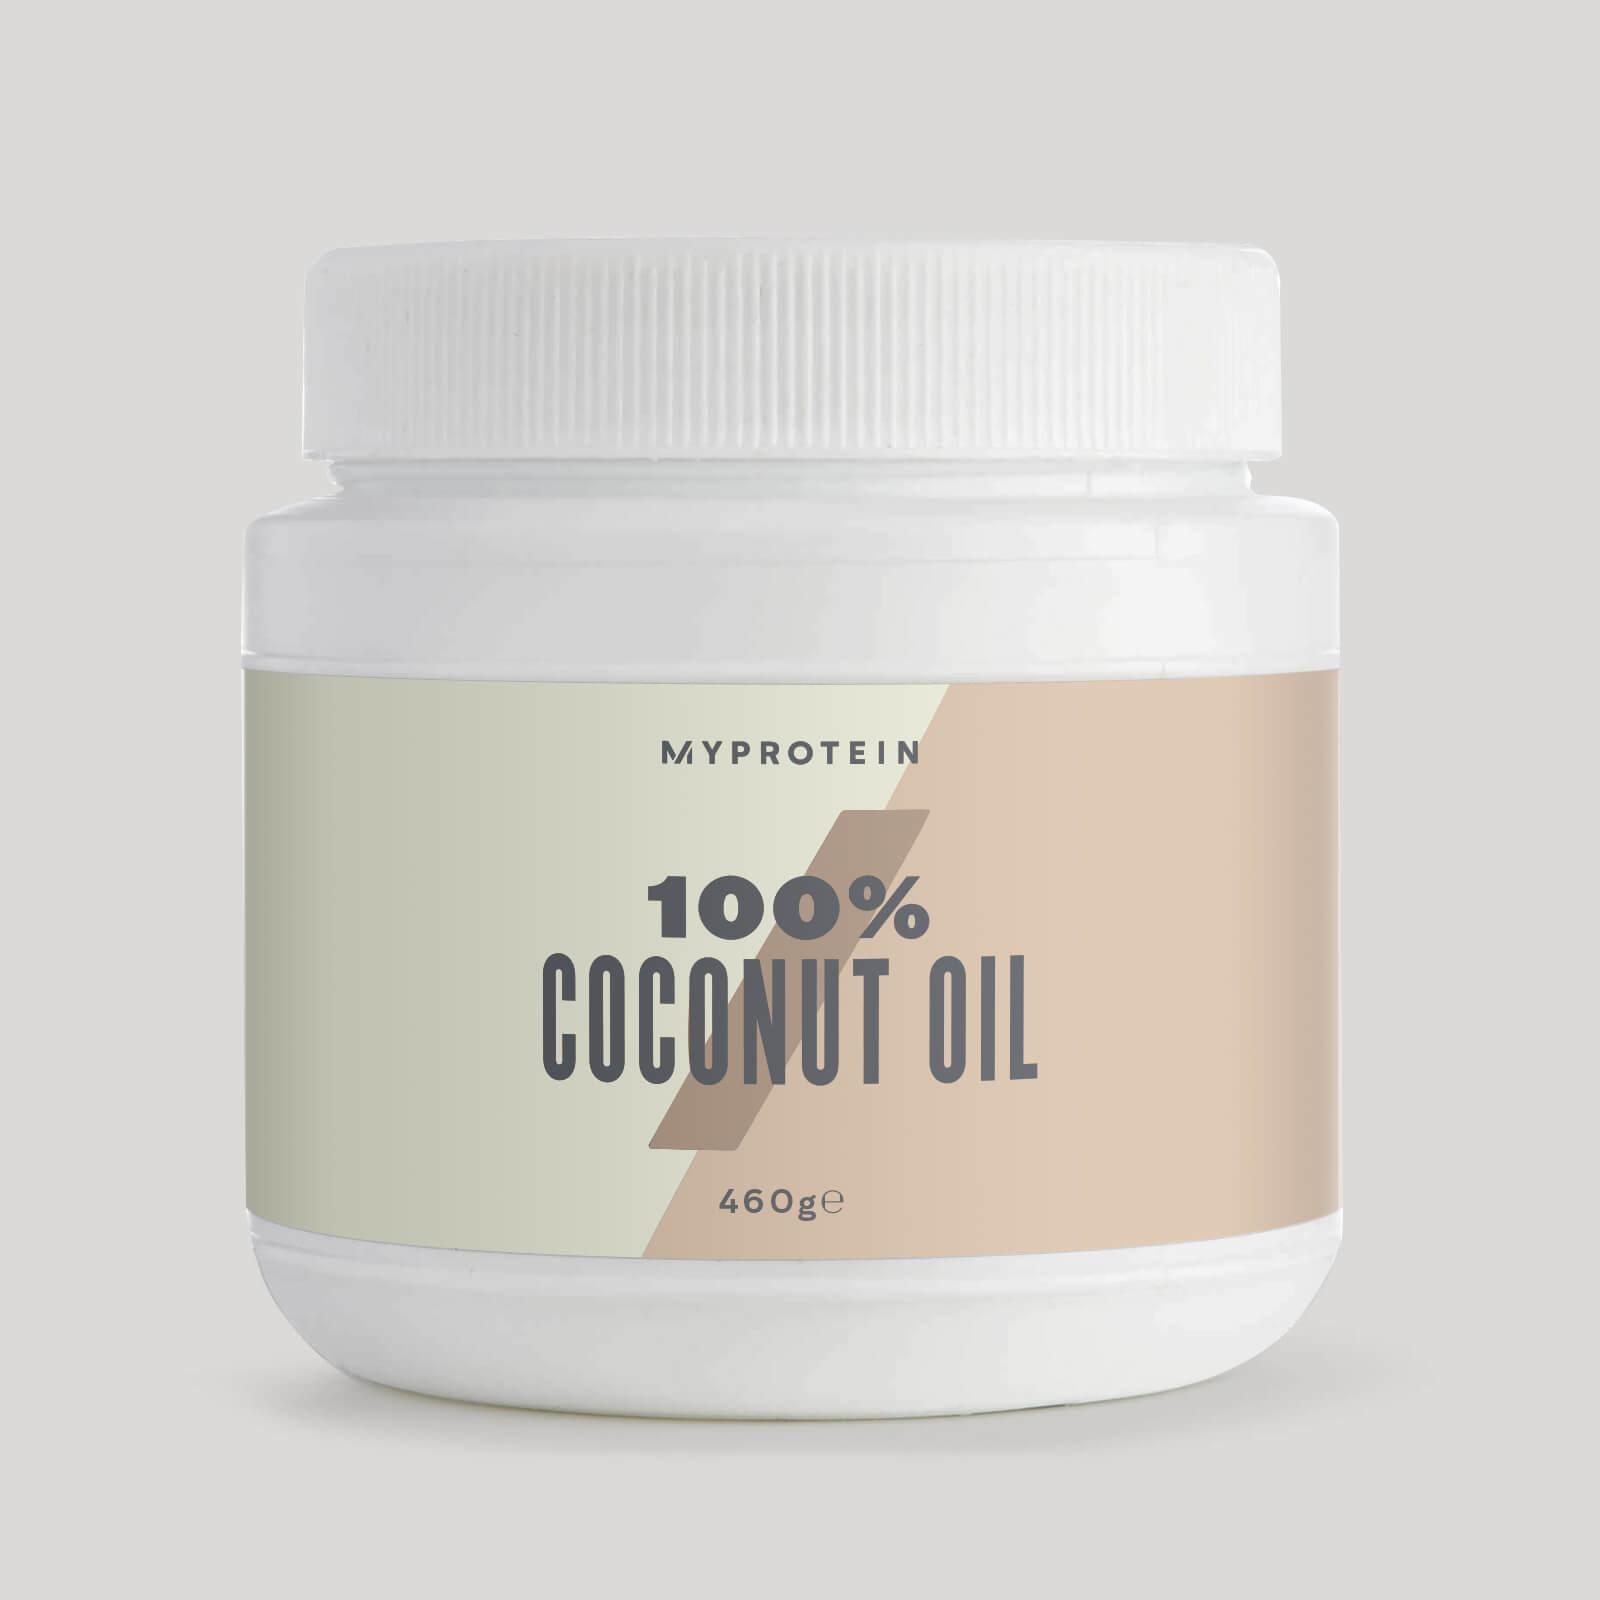 Myprotein Coconpure (Huile de coco) - 460g - Sans arôme ajouté